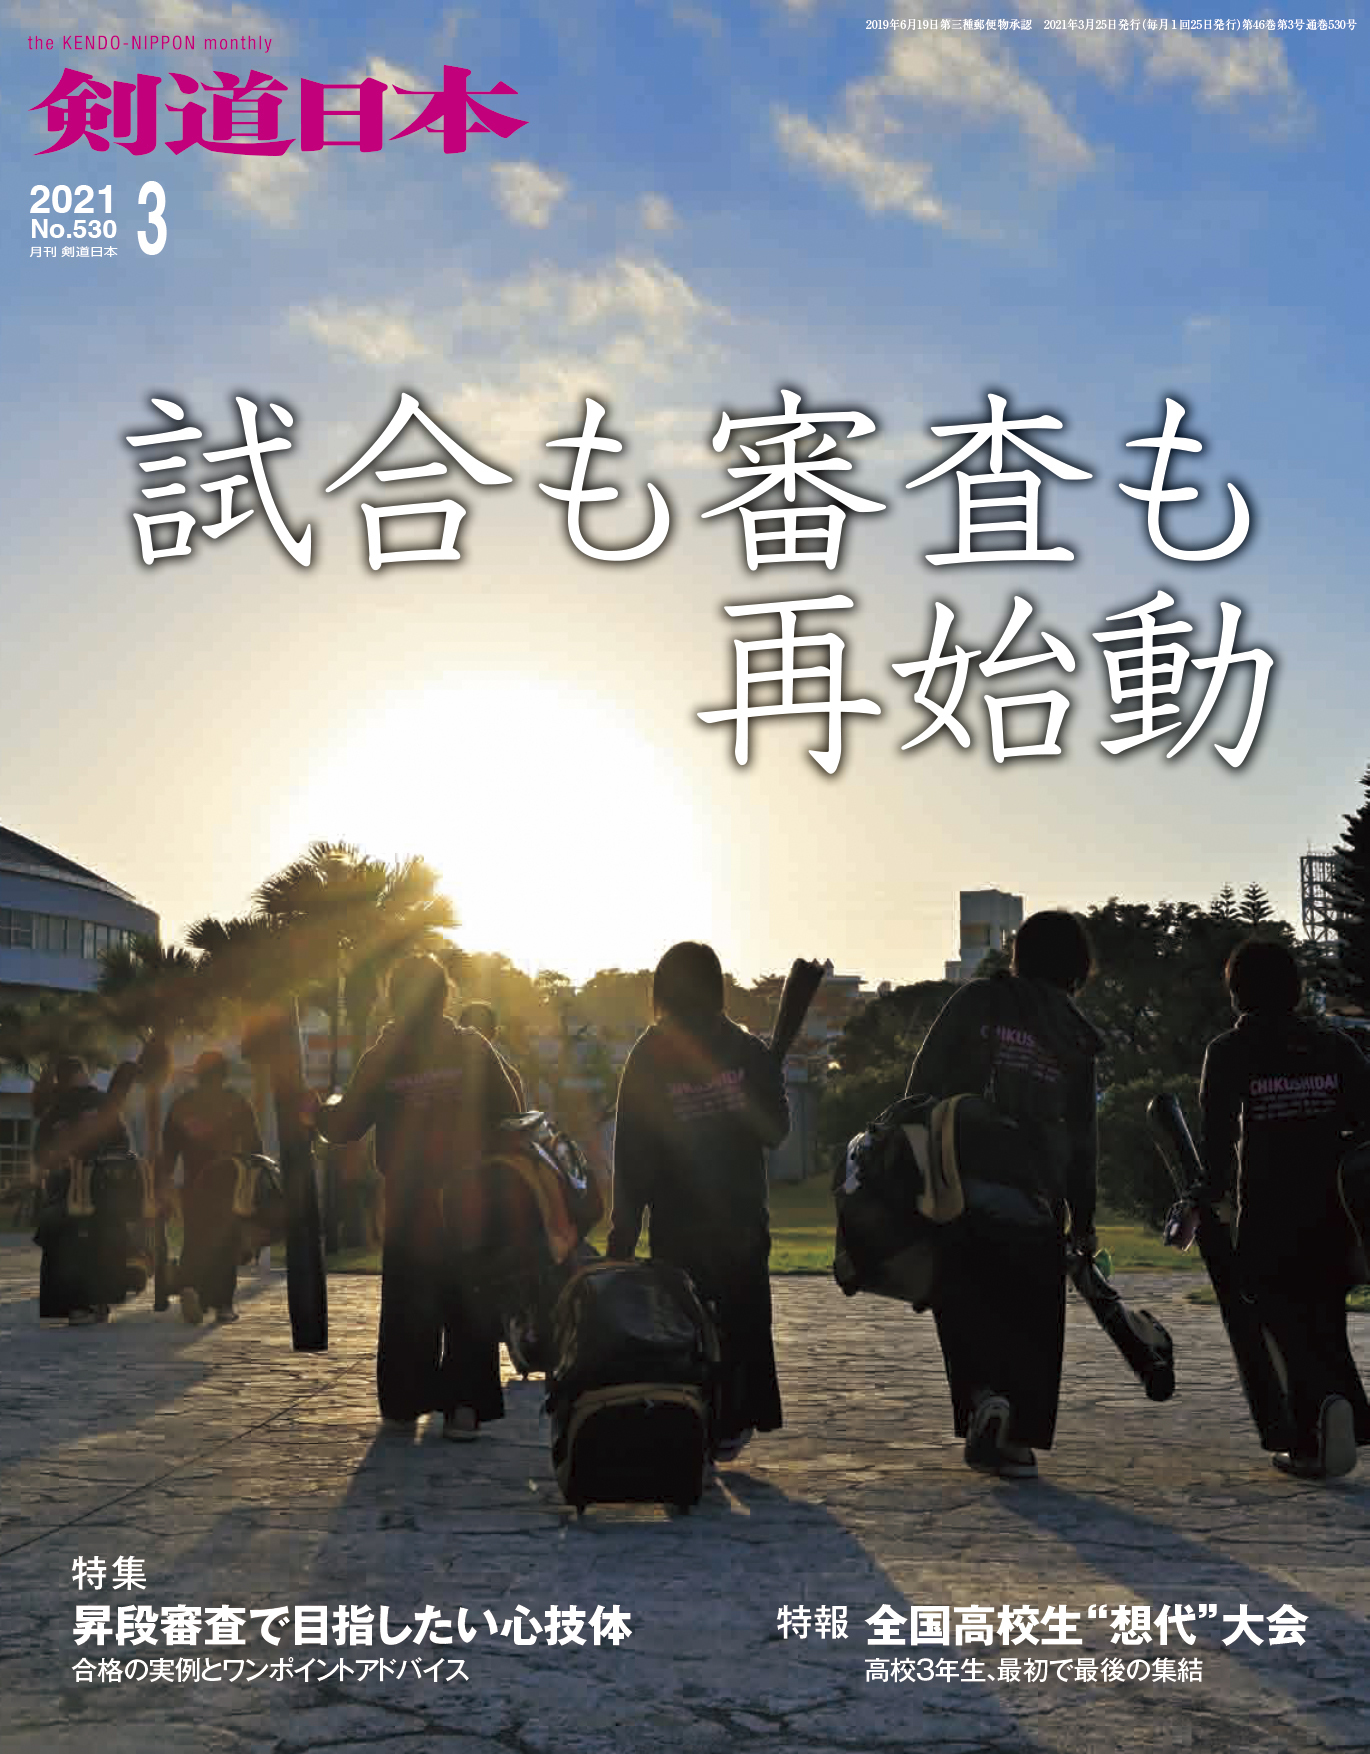 『剣道日本』2021年3月号